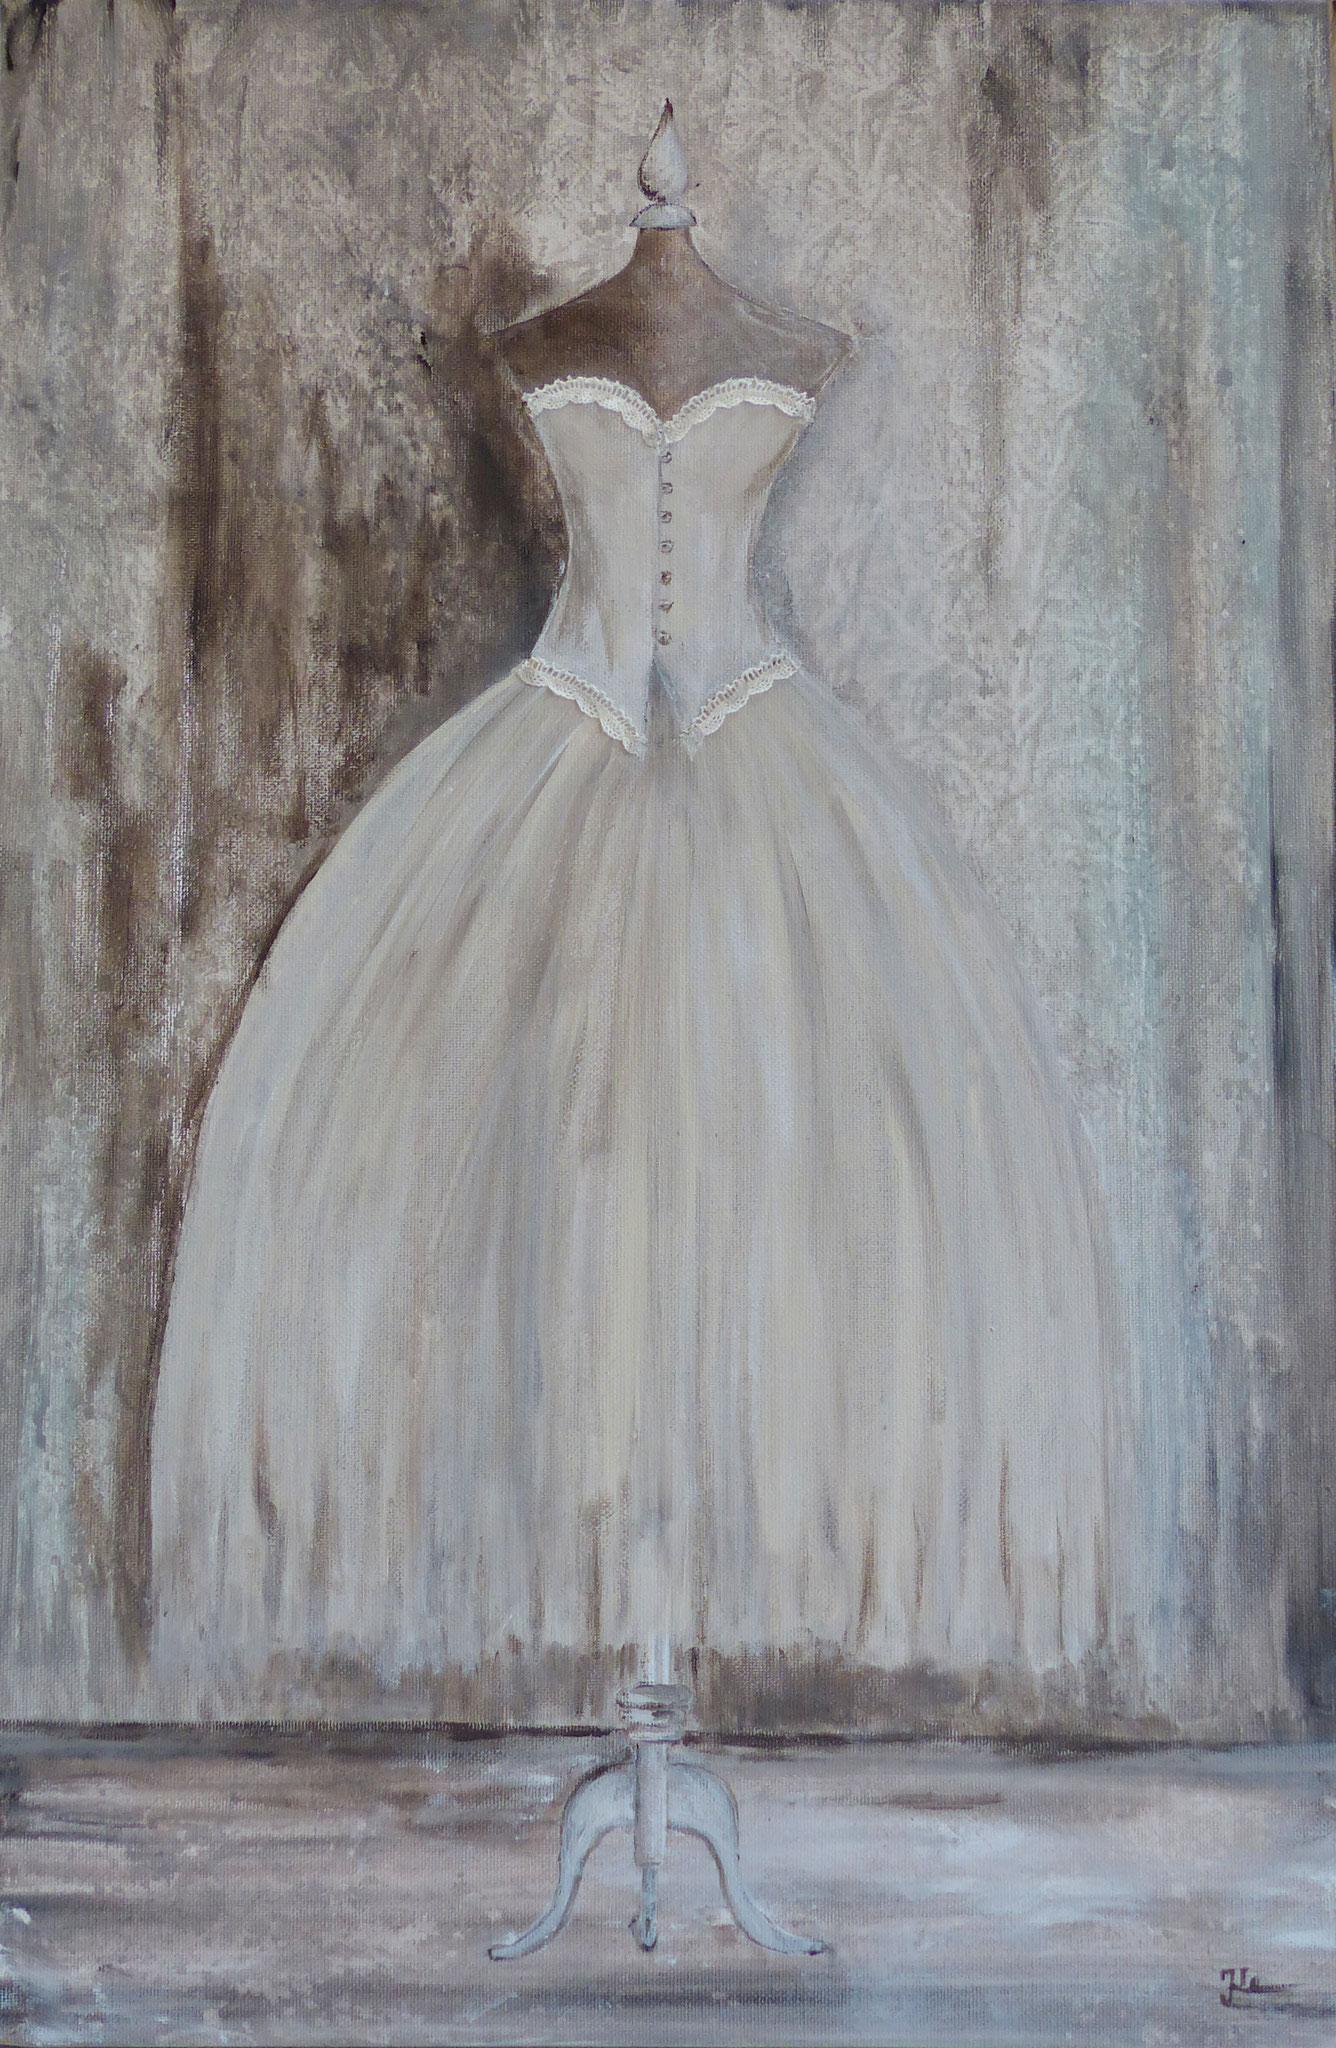 Kleid in Acryl 2 /40 x 60 cm